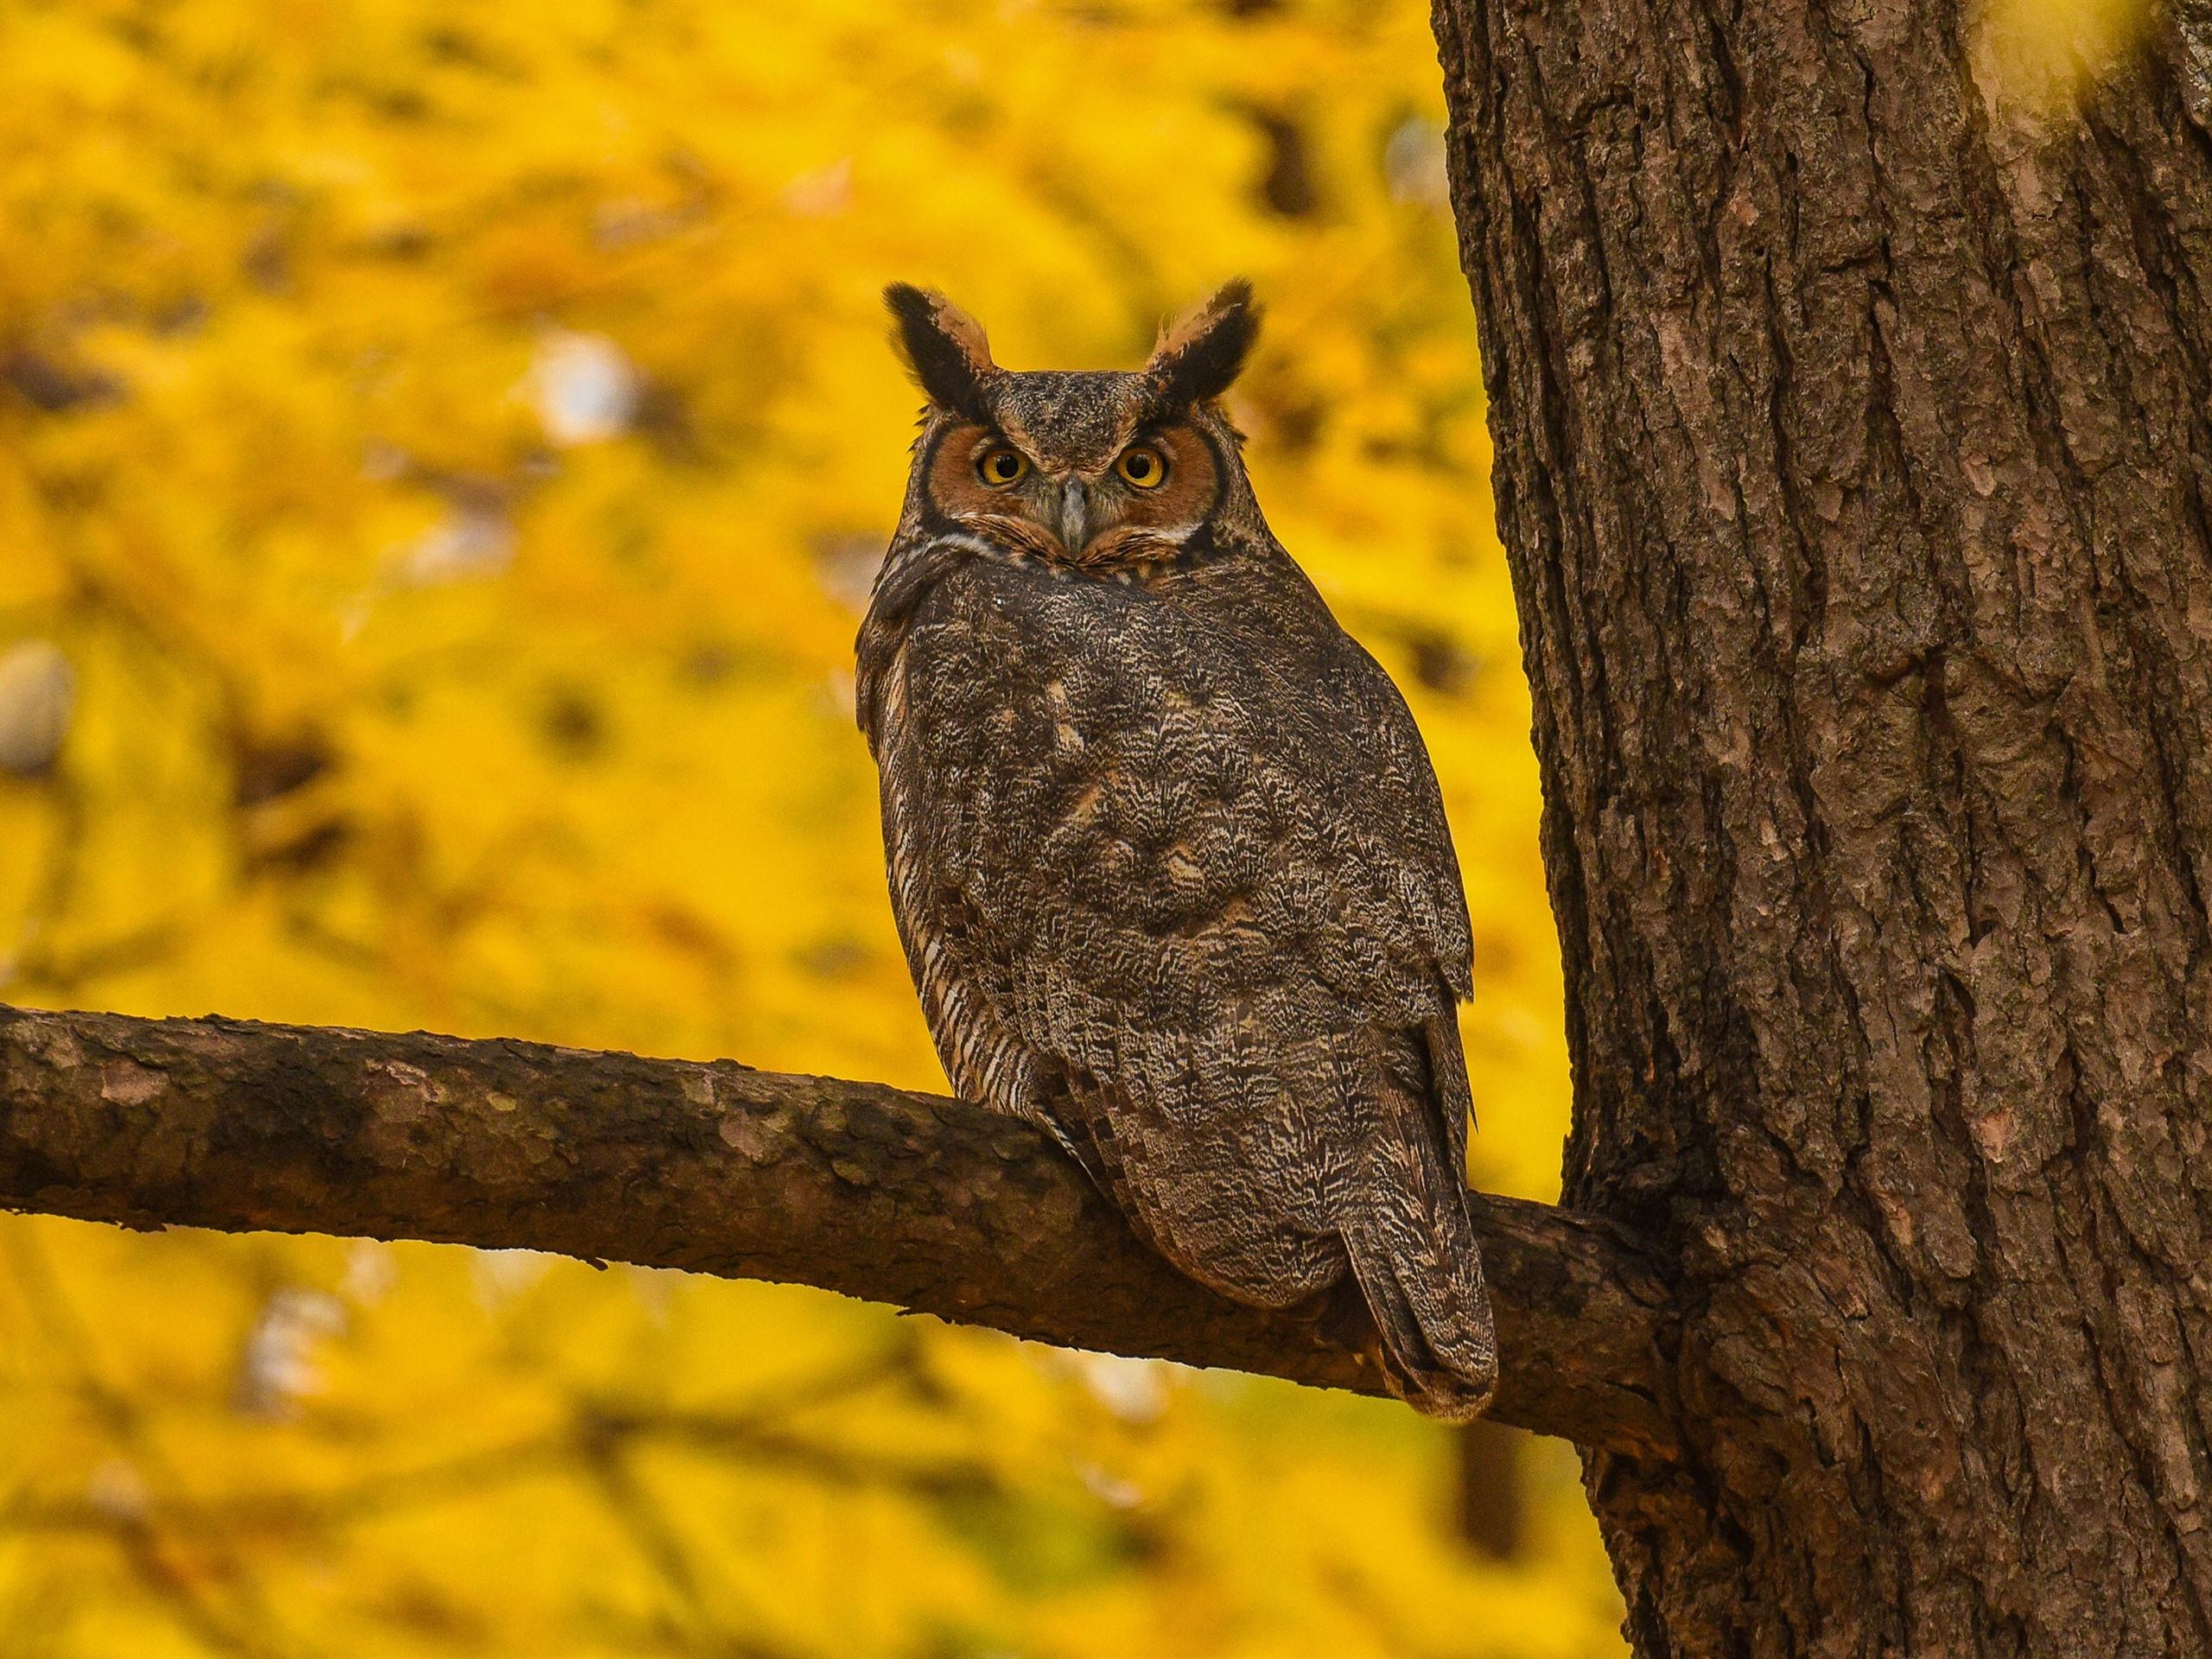 женщина, картинки две совы на дереве регулярно